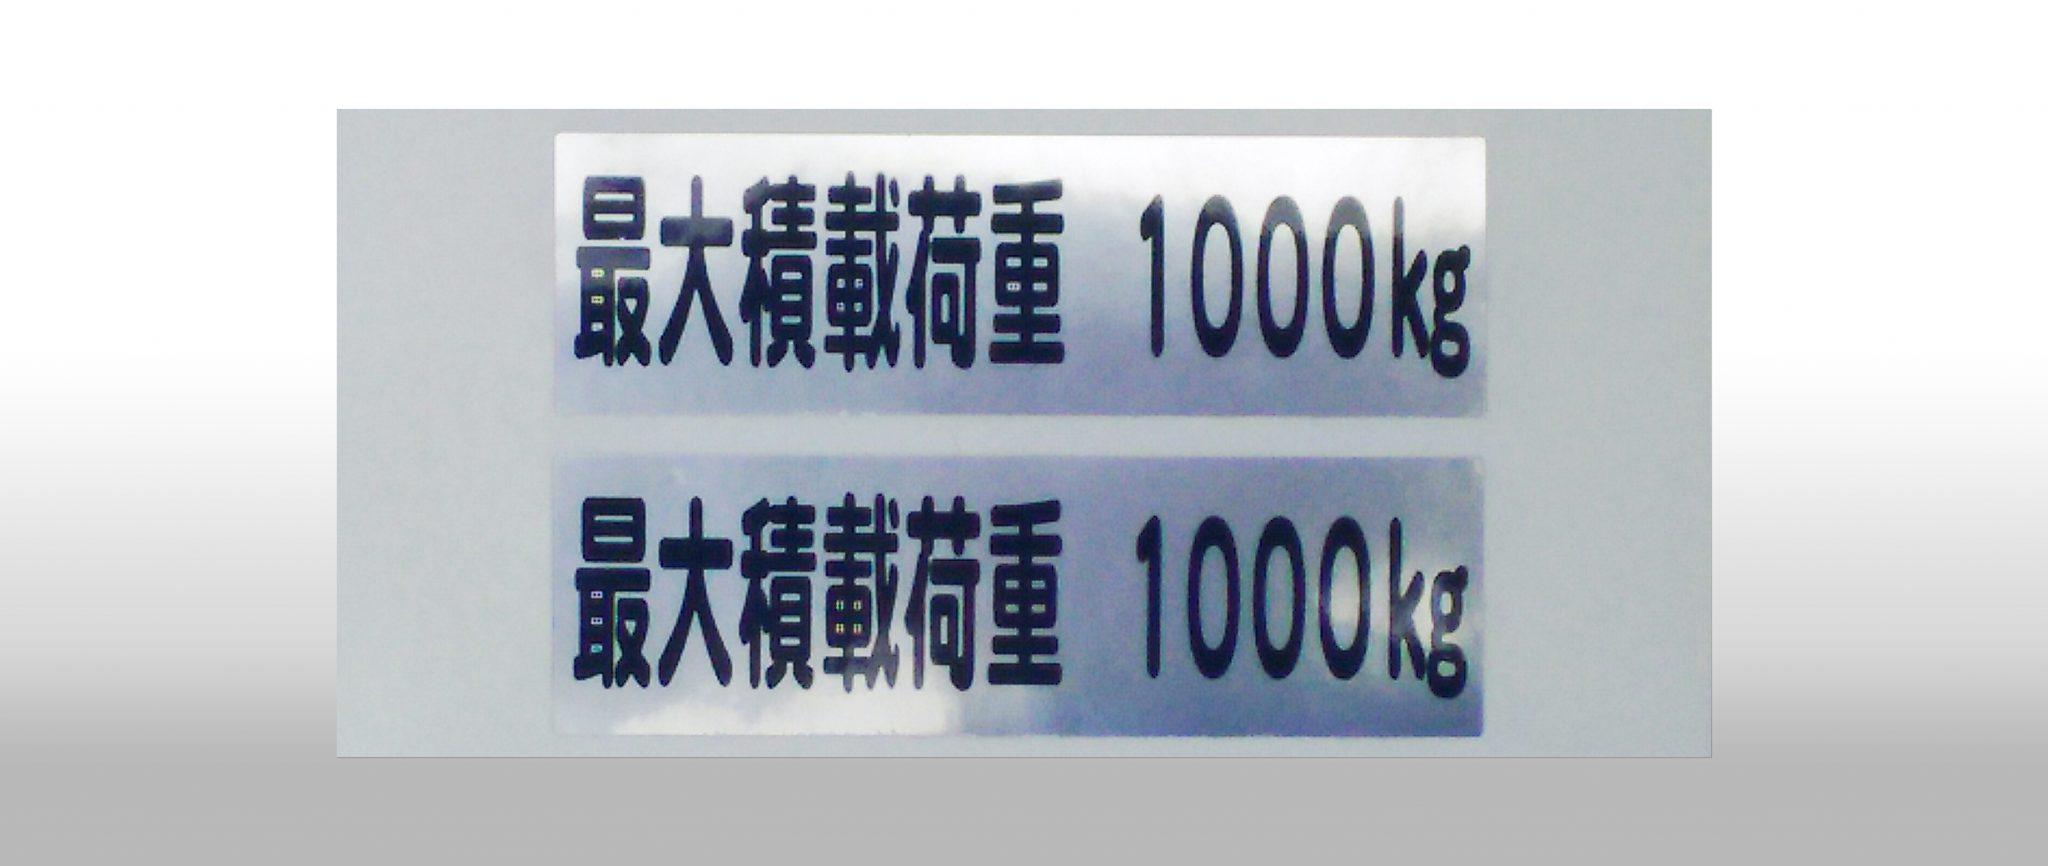 最大積載荷重シール1